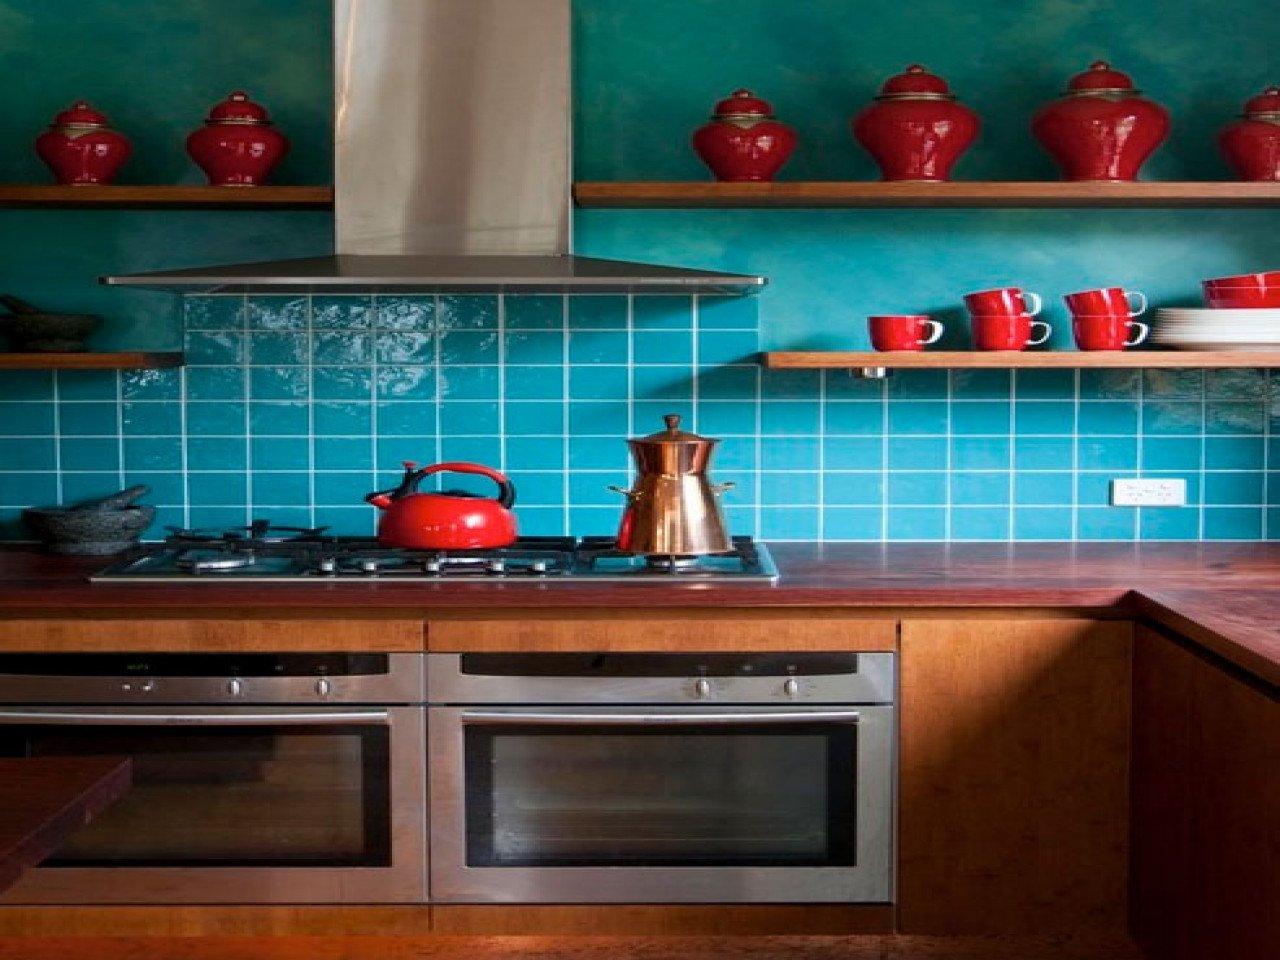 Red and Teal Kitchen Decor Fresh Red Kitchen Accents Teal and Red Kitchen Decor Teal Kitchen Ideas Kitchen Ideas Artflyz